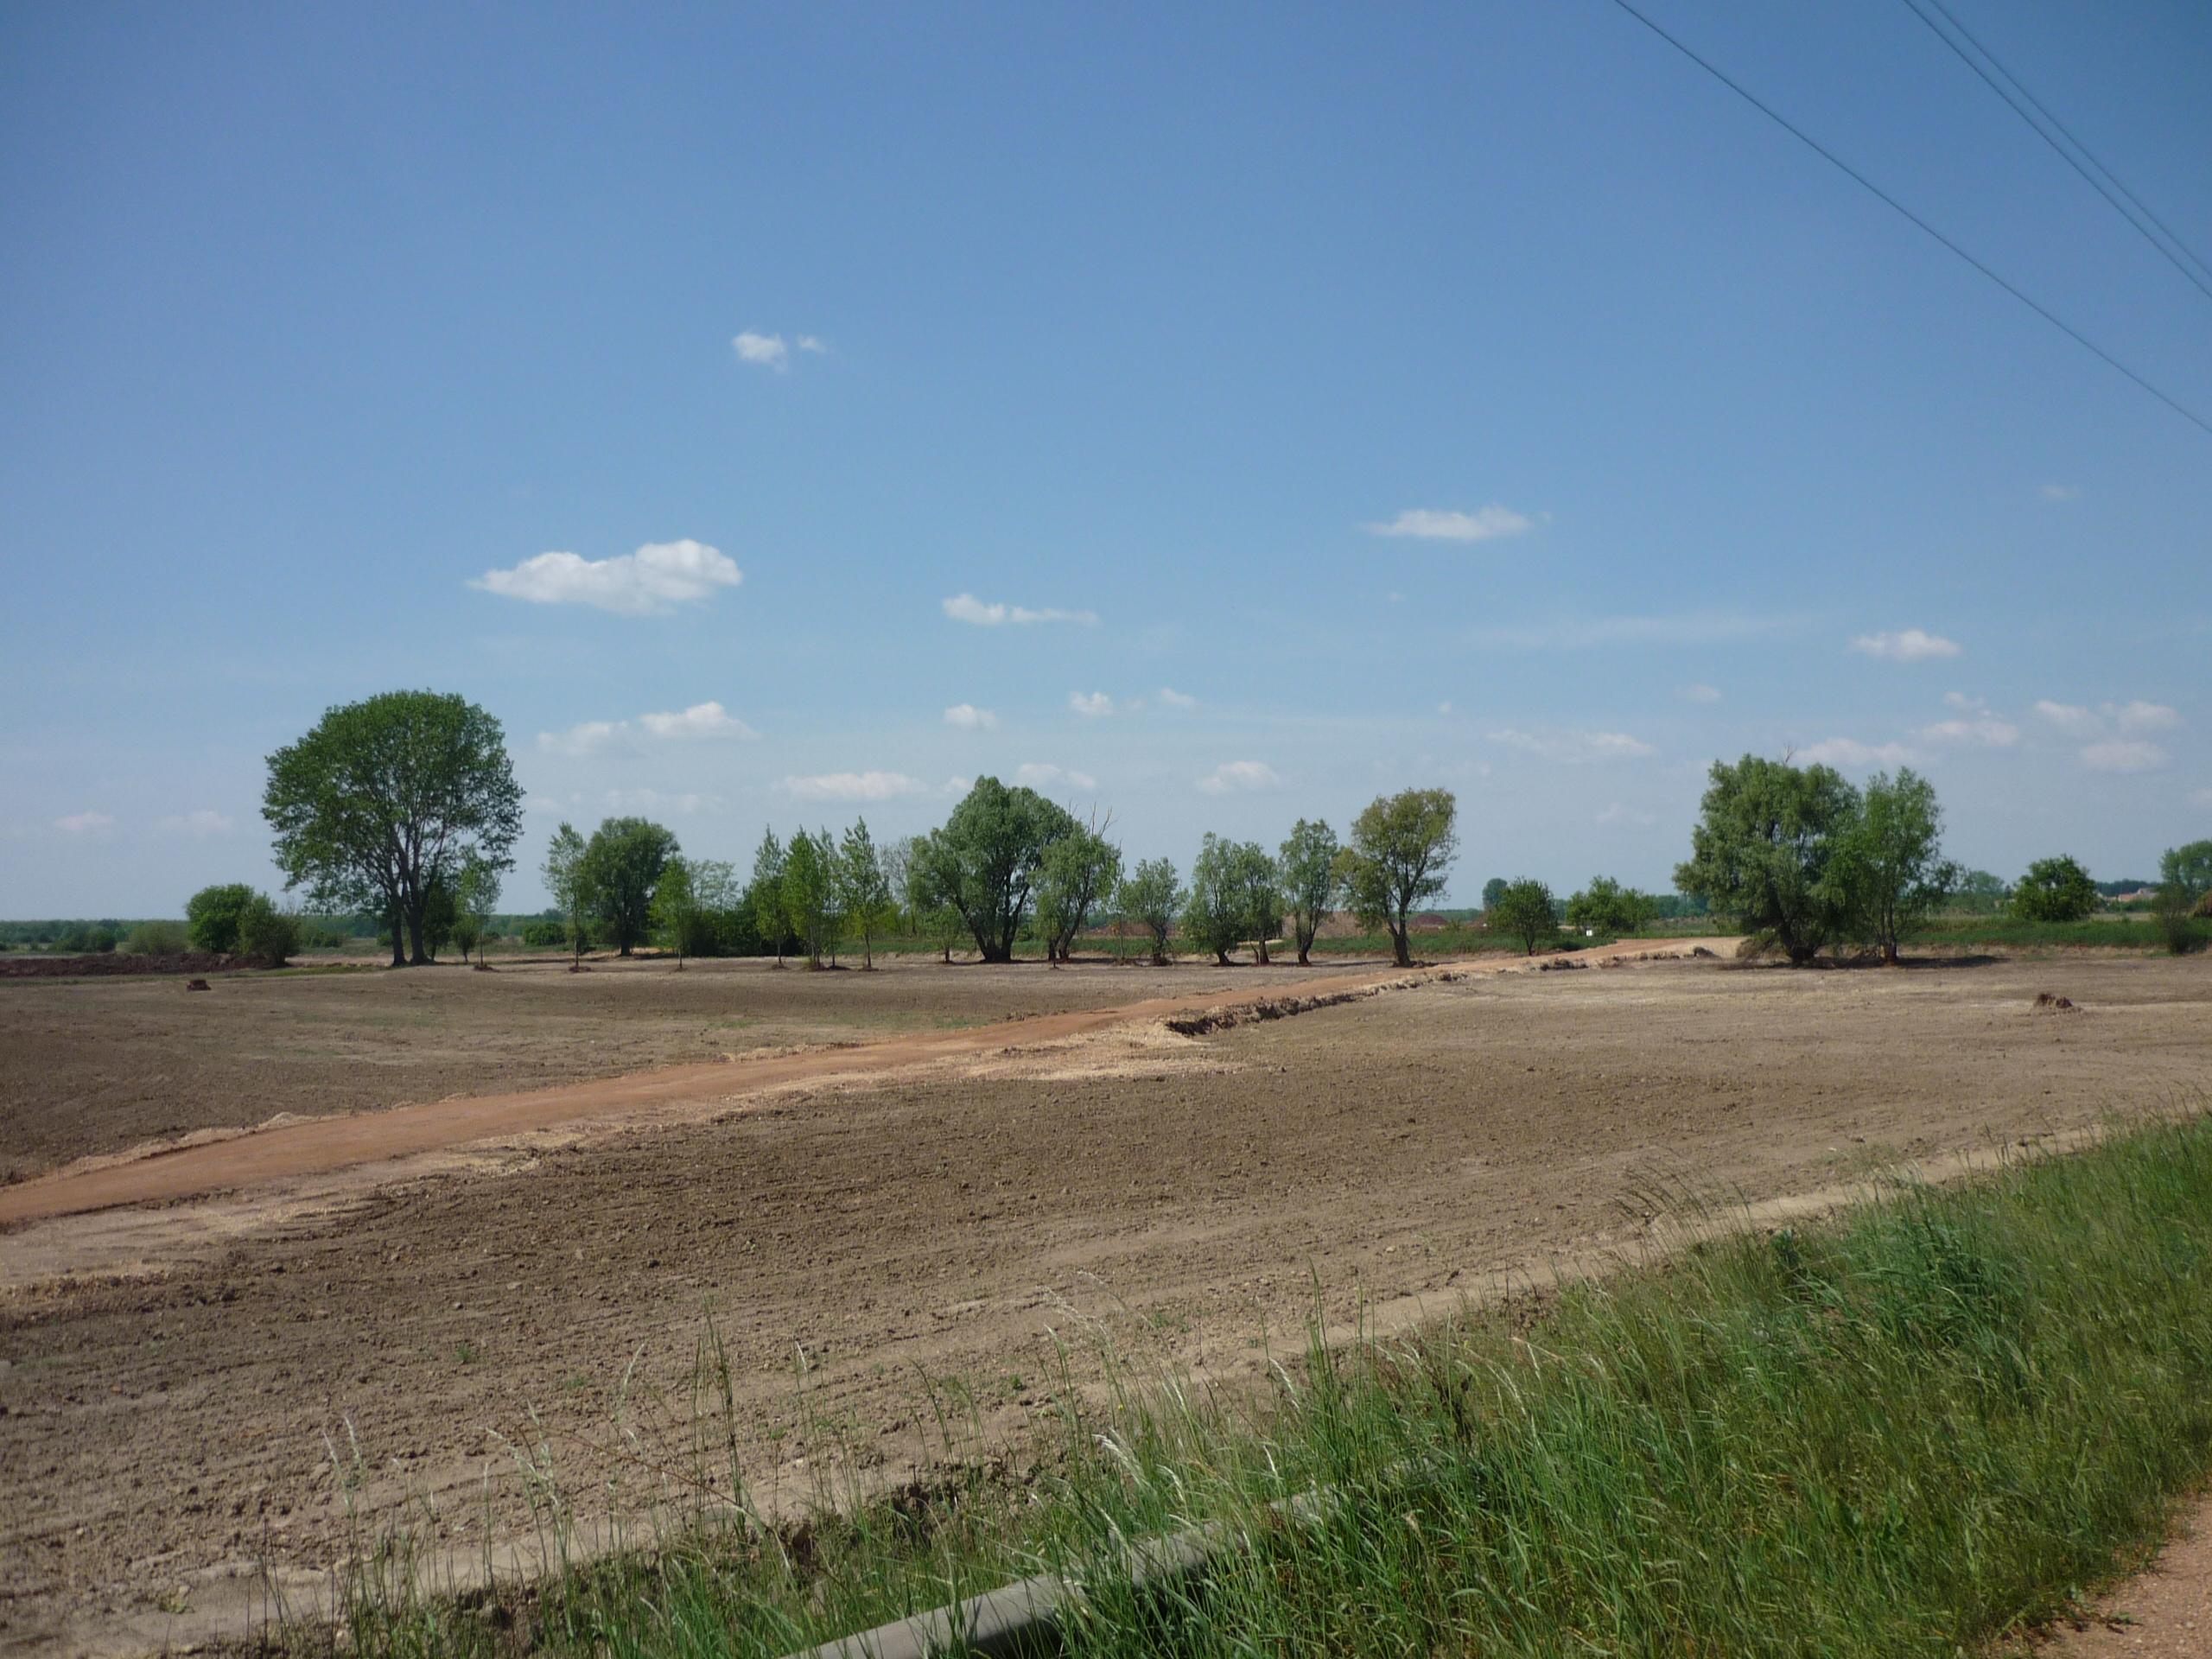 Letakarított szántóföld látképe